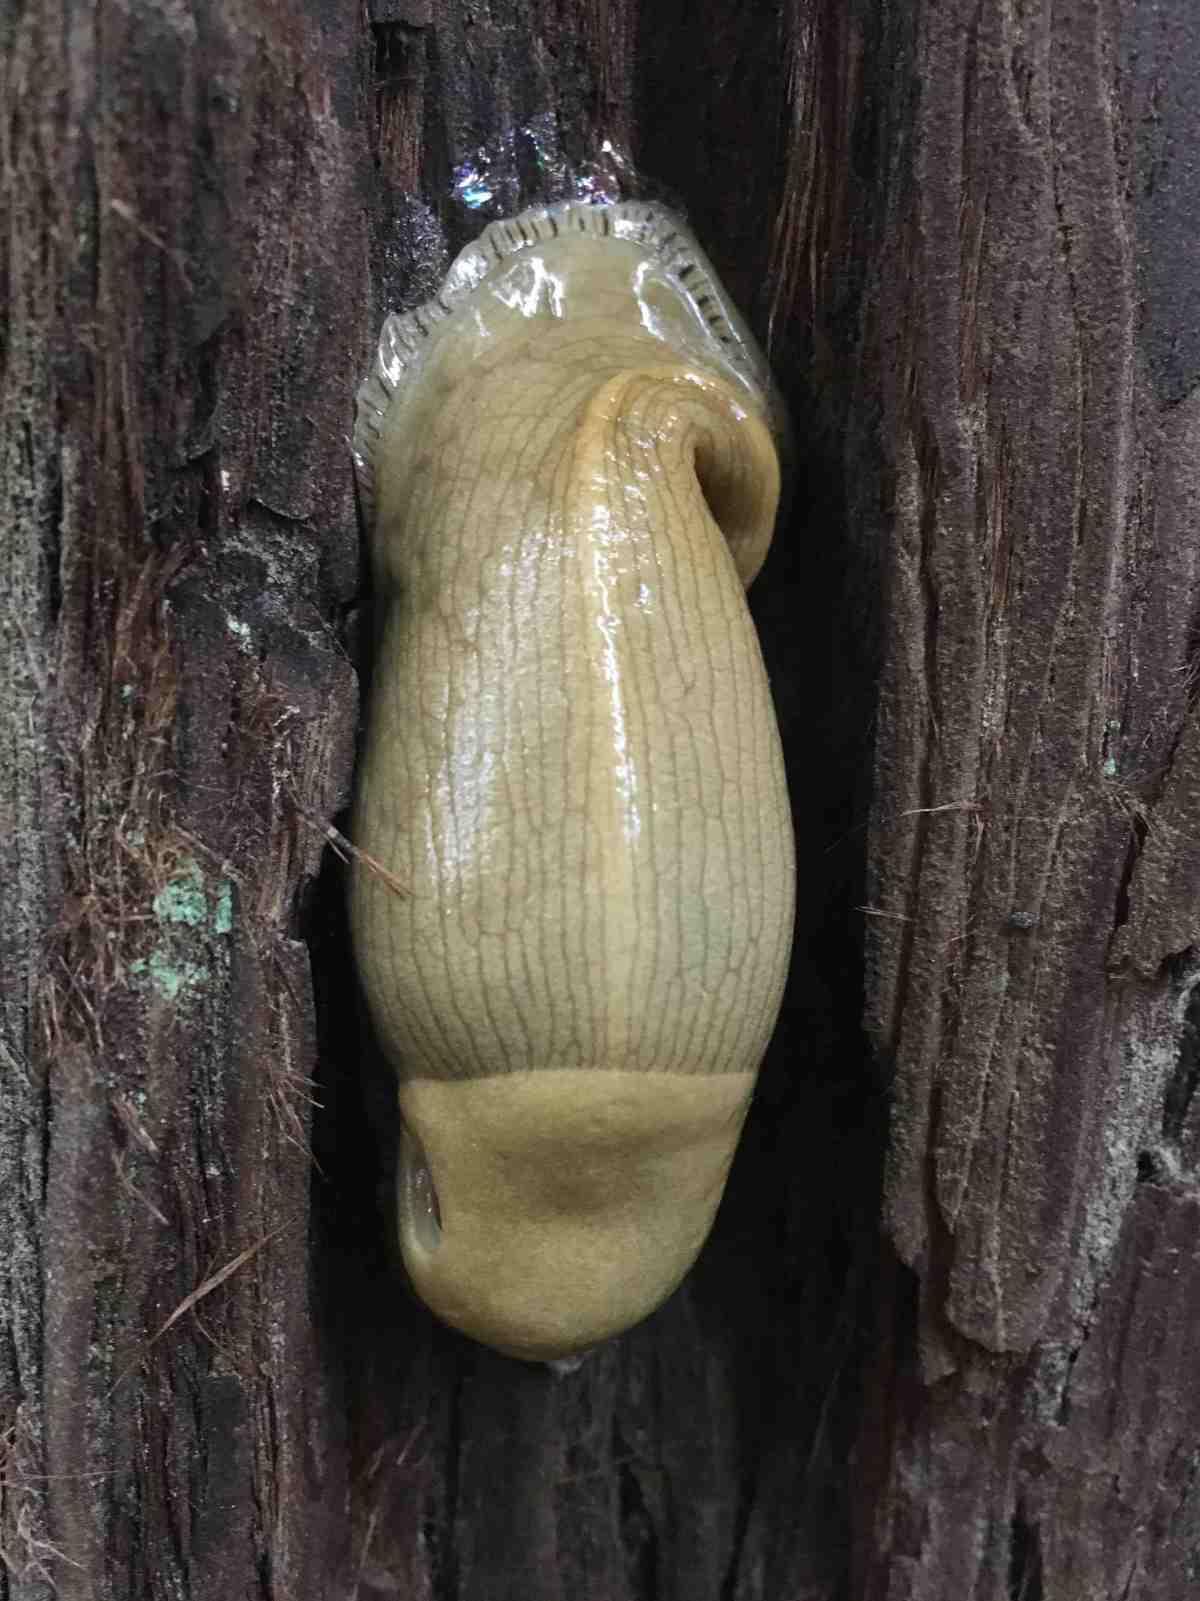 banana slugs protect redwoods